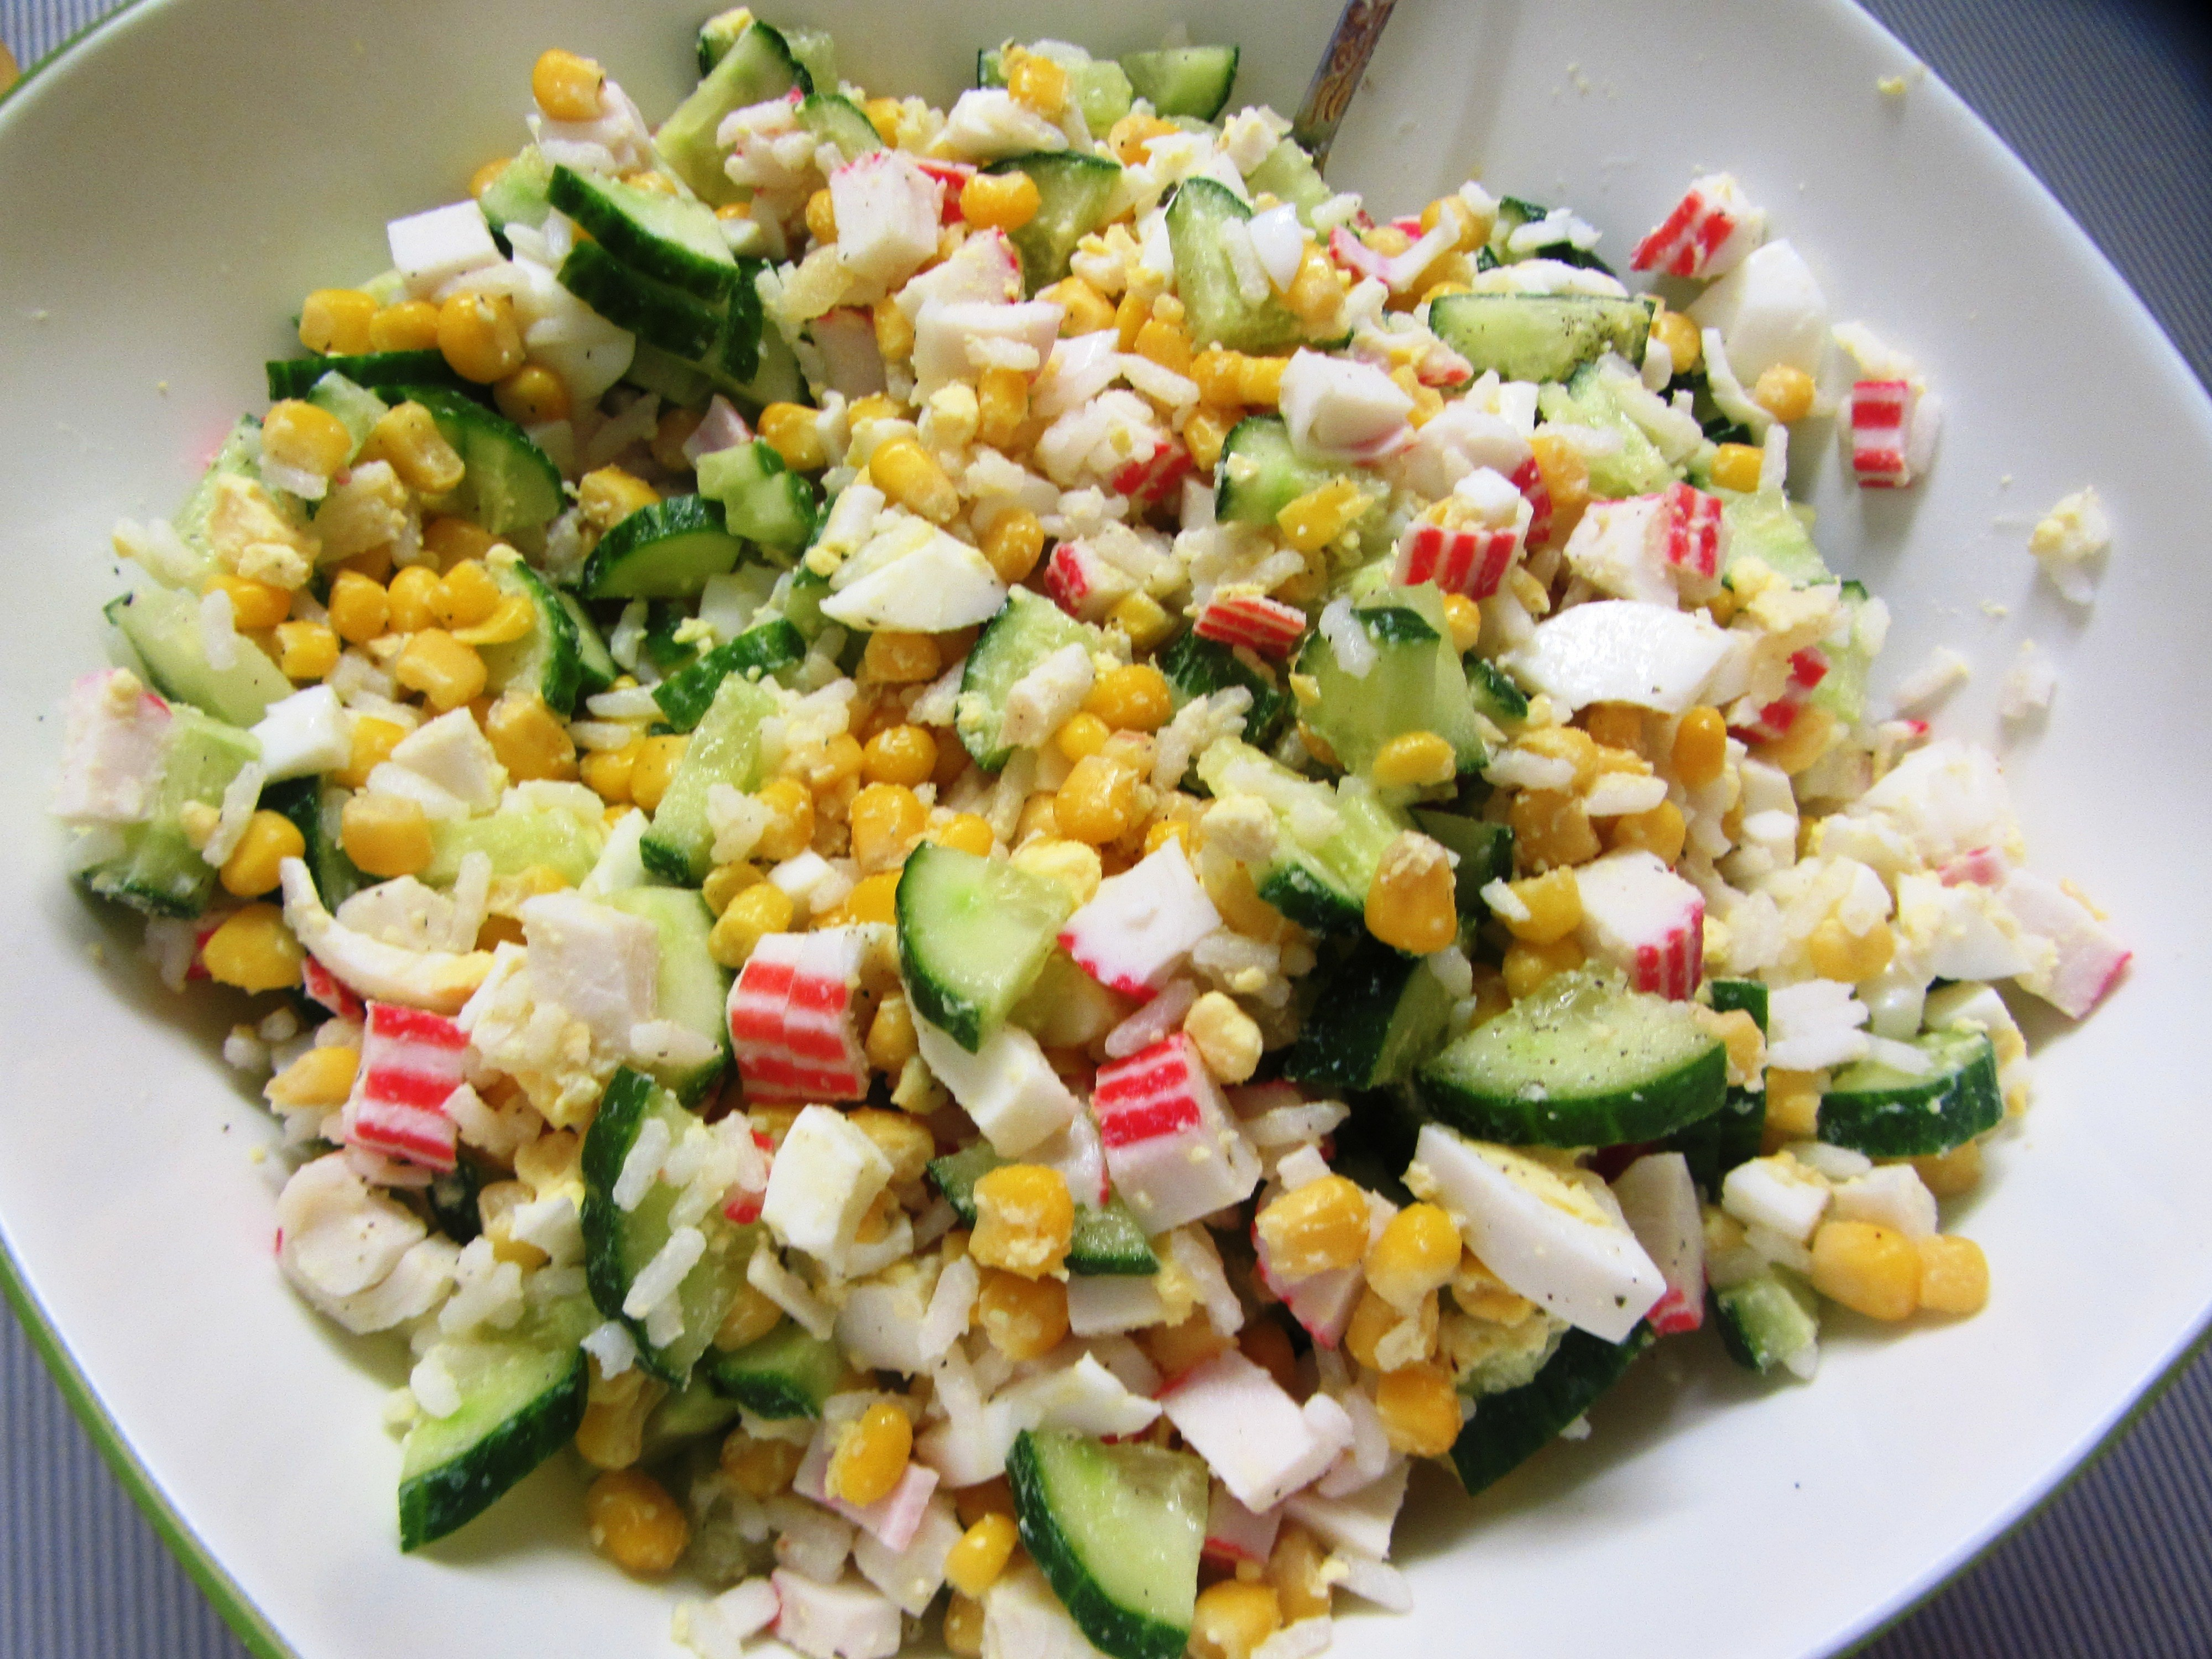 крабовый салат рецепт классический с фото